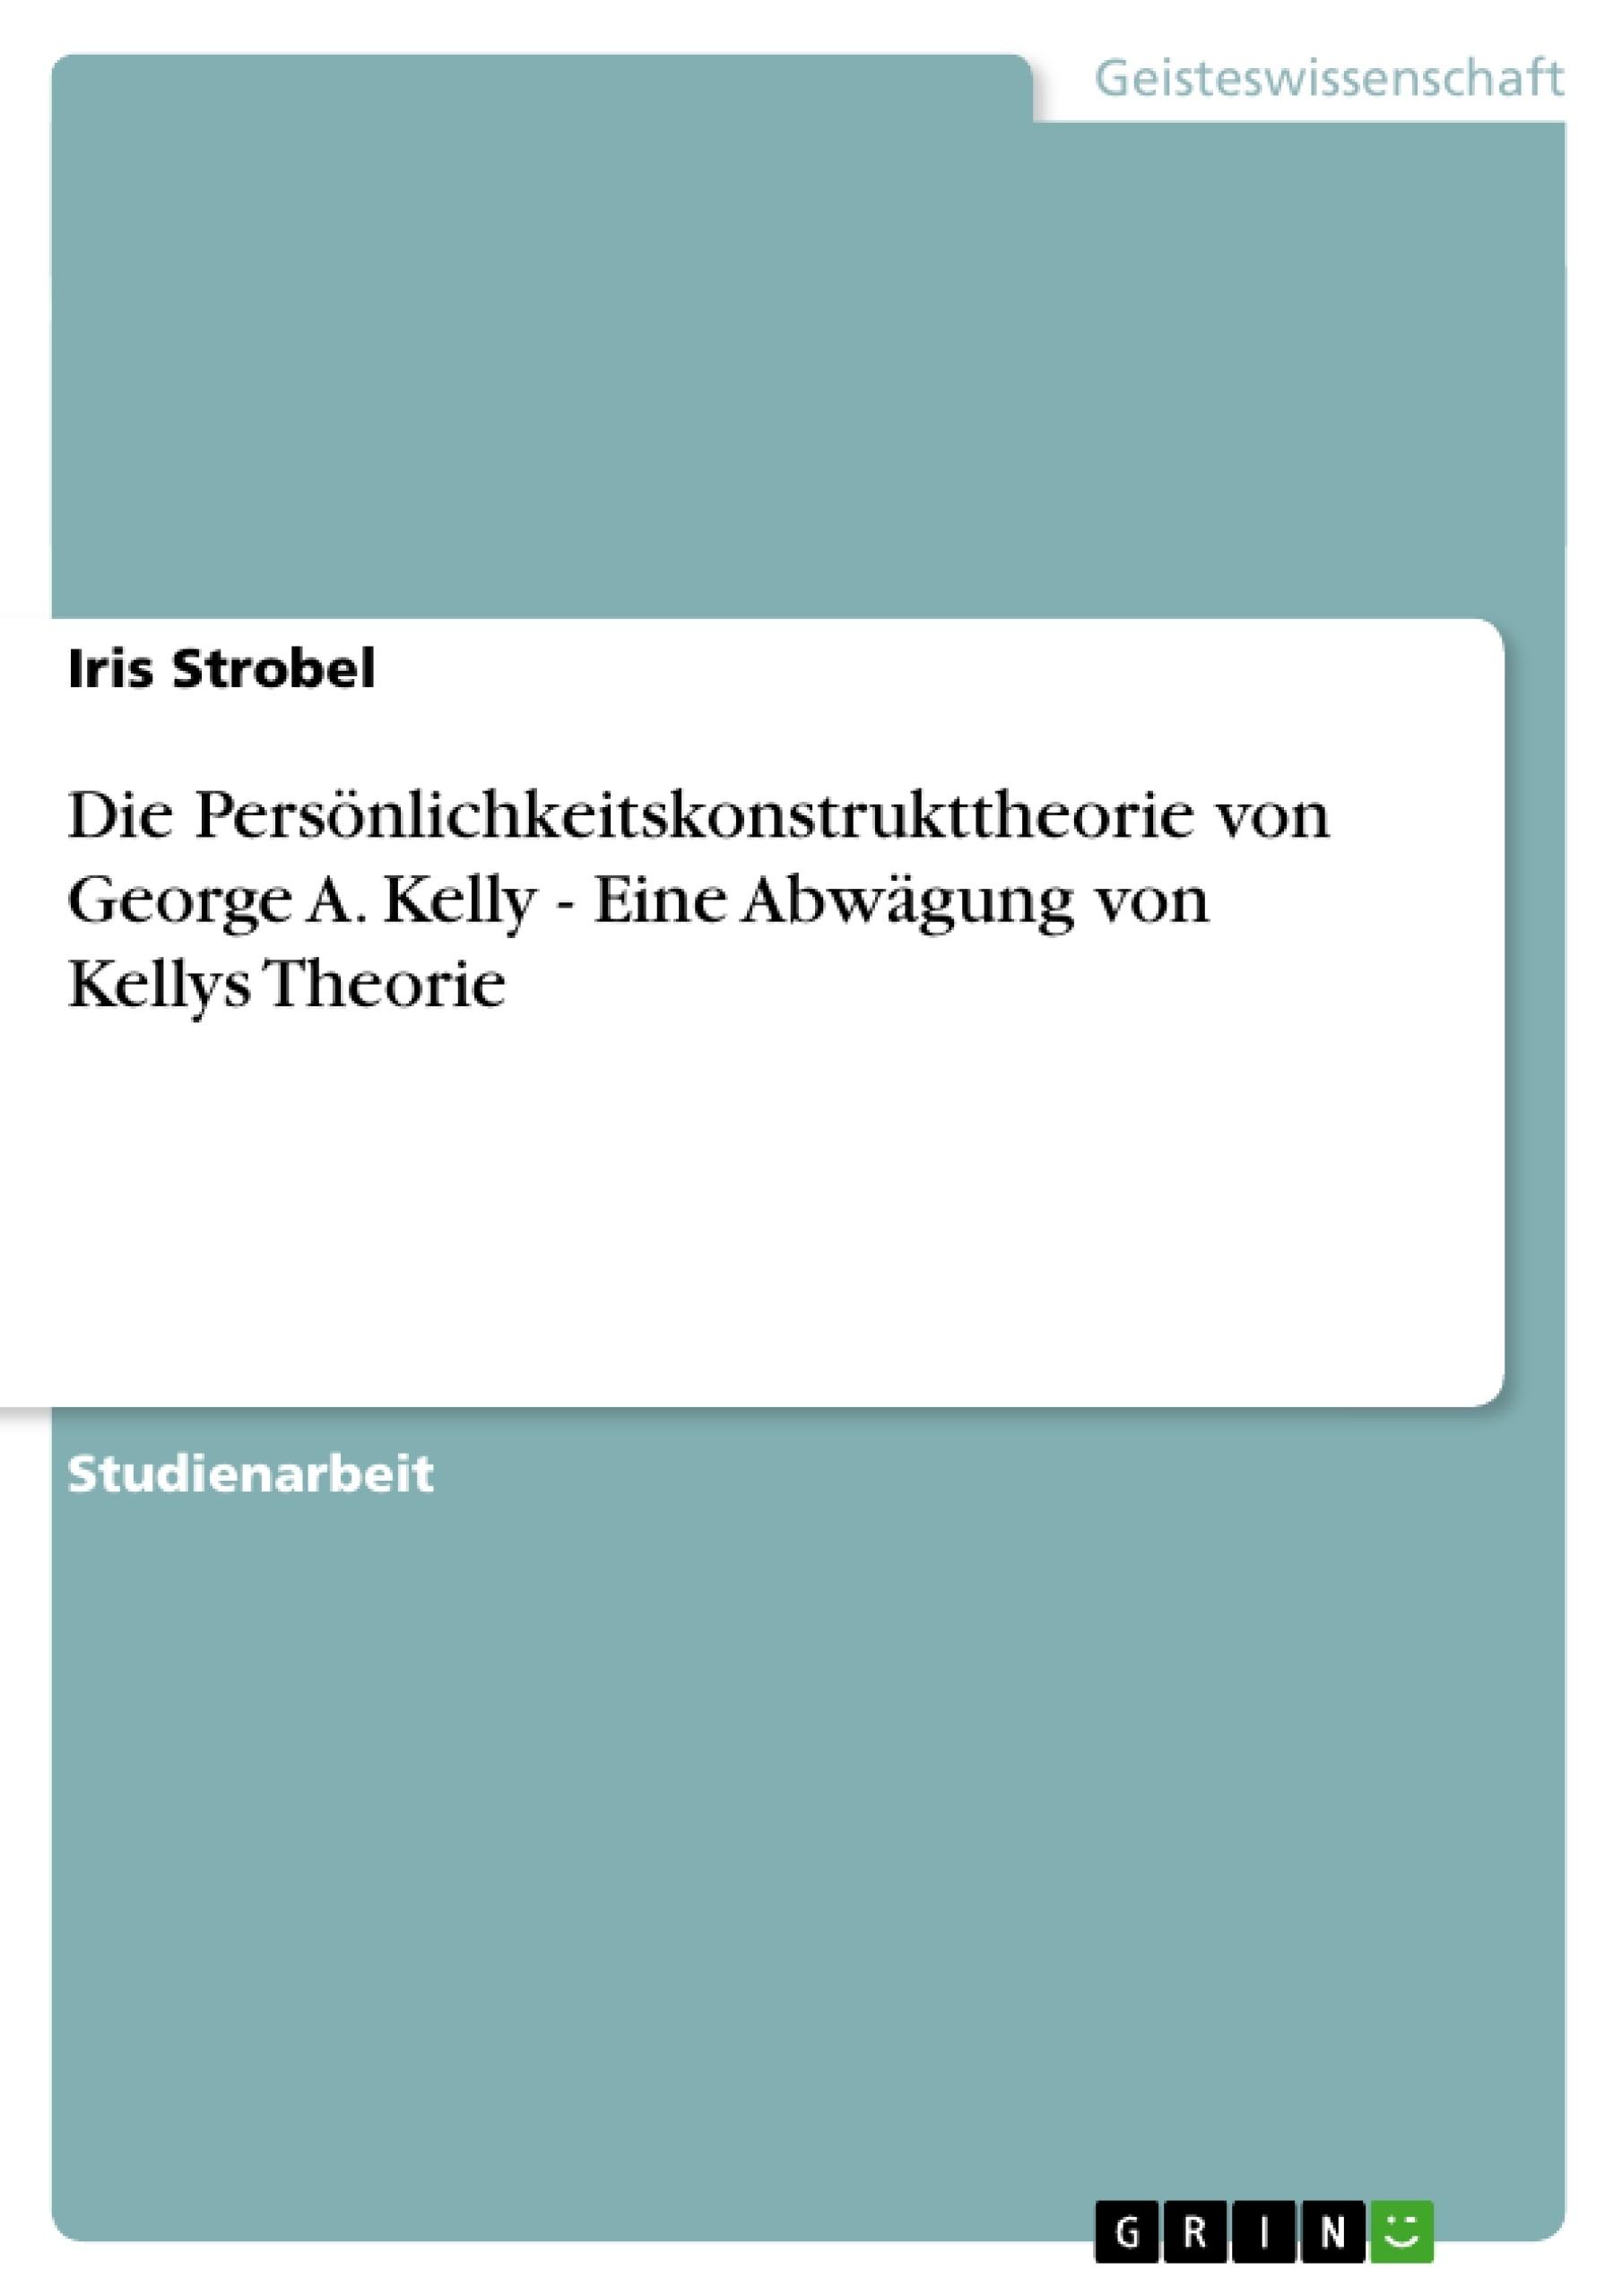 Titel: Die Persönlichkeitskonstrukttheorie von George A. Kelly - Eine Abwägung von Kellys Theorie